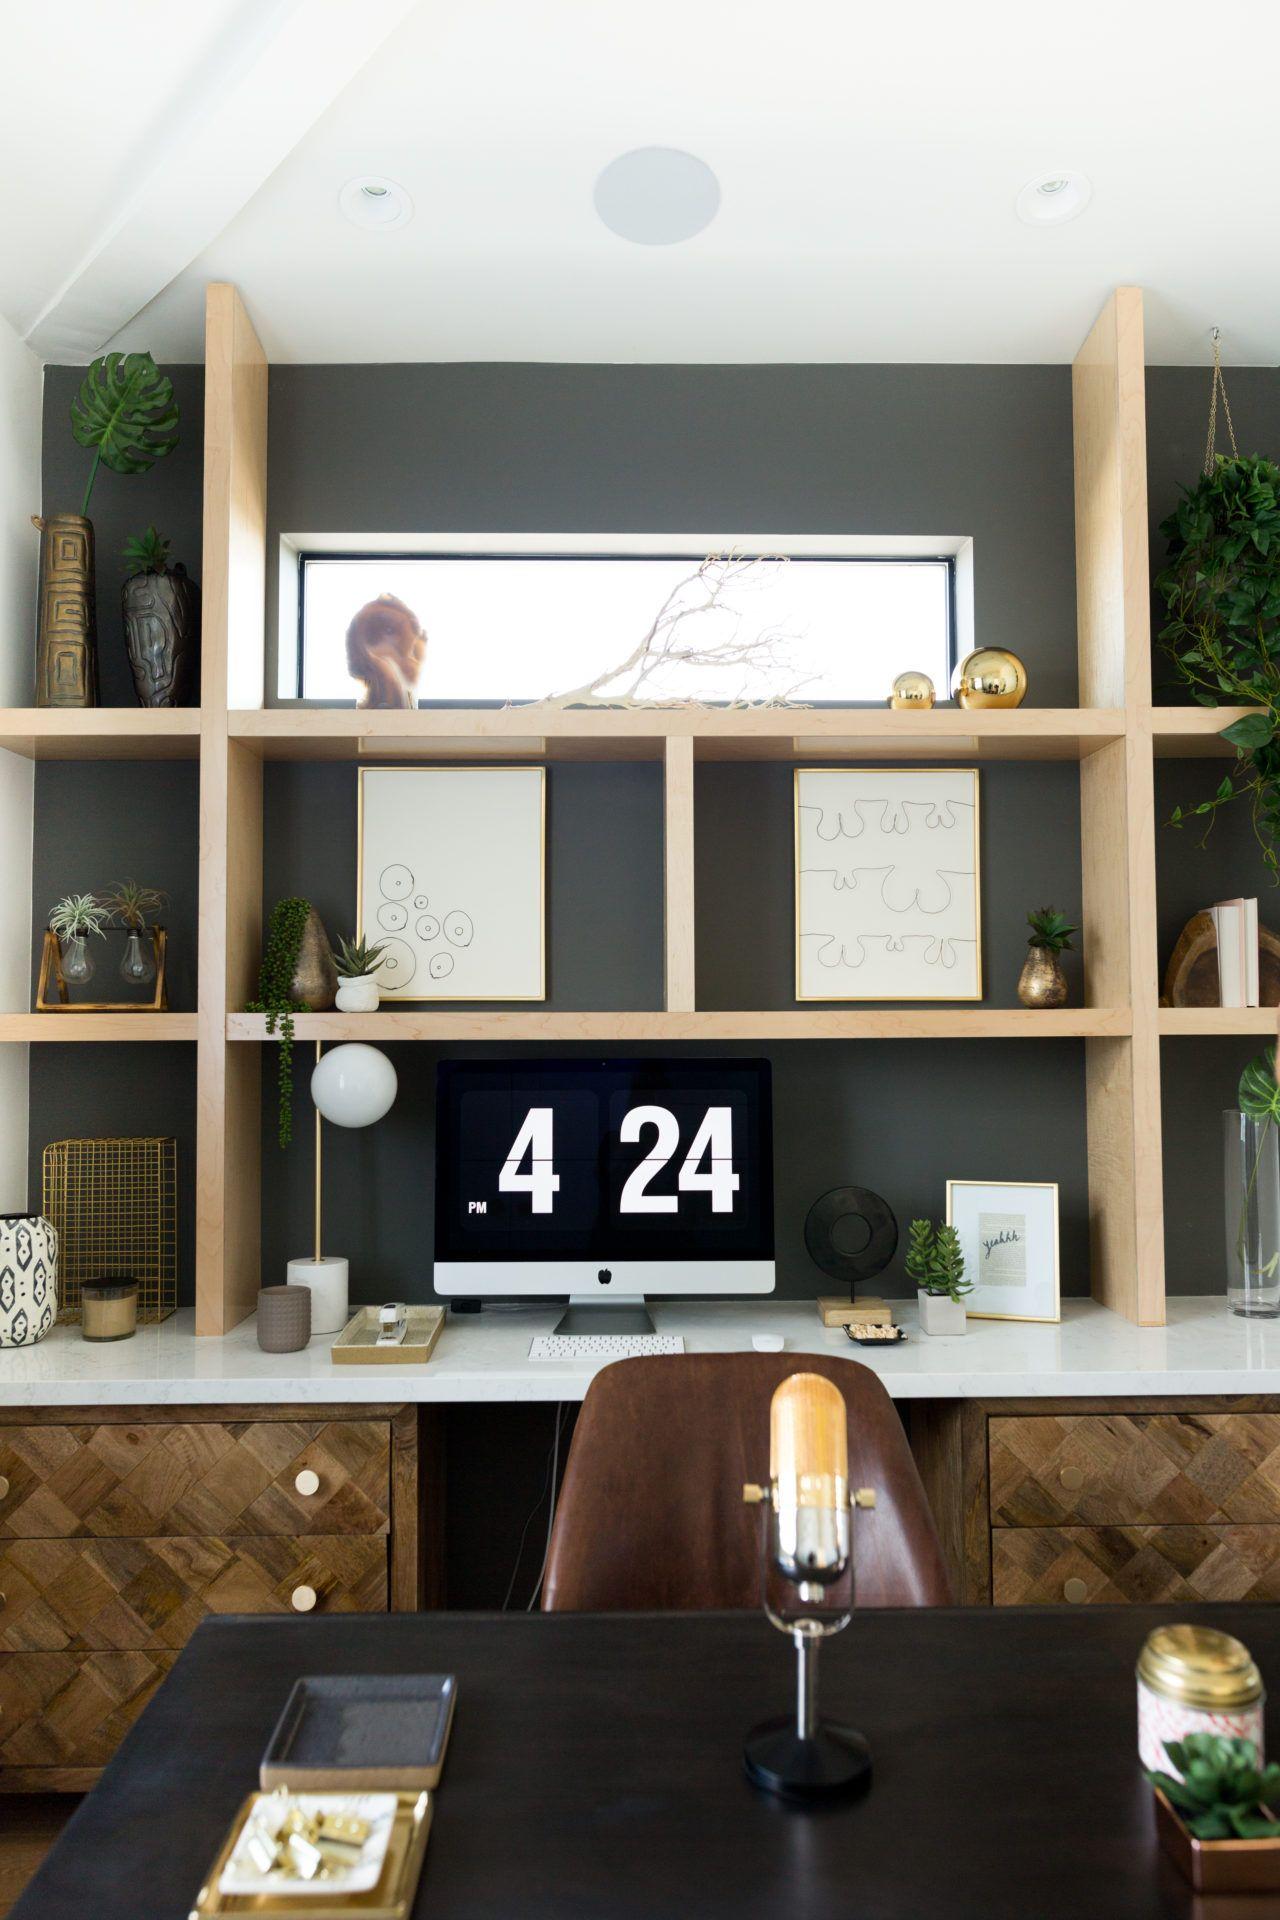 Liza Koshy S Dream Home Office Home Office Decor Small Room Design Office Furniture Decor